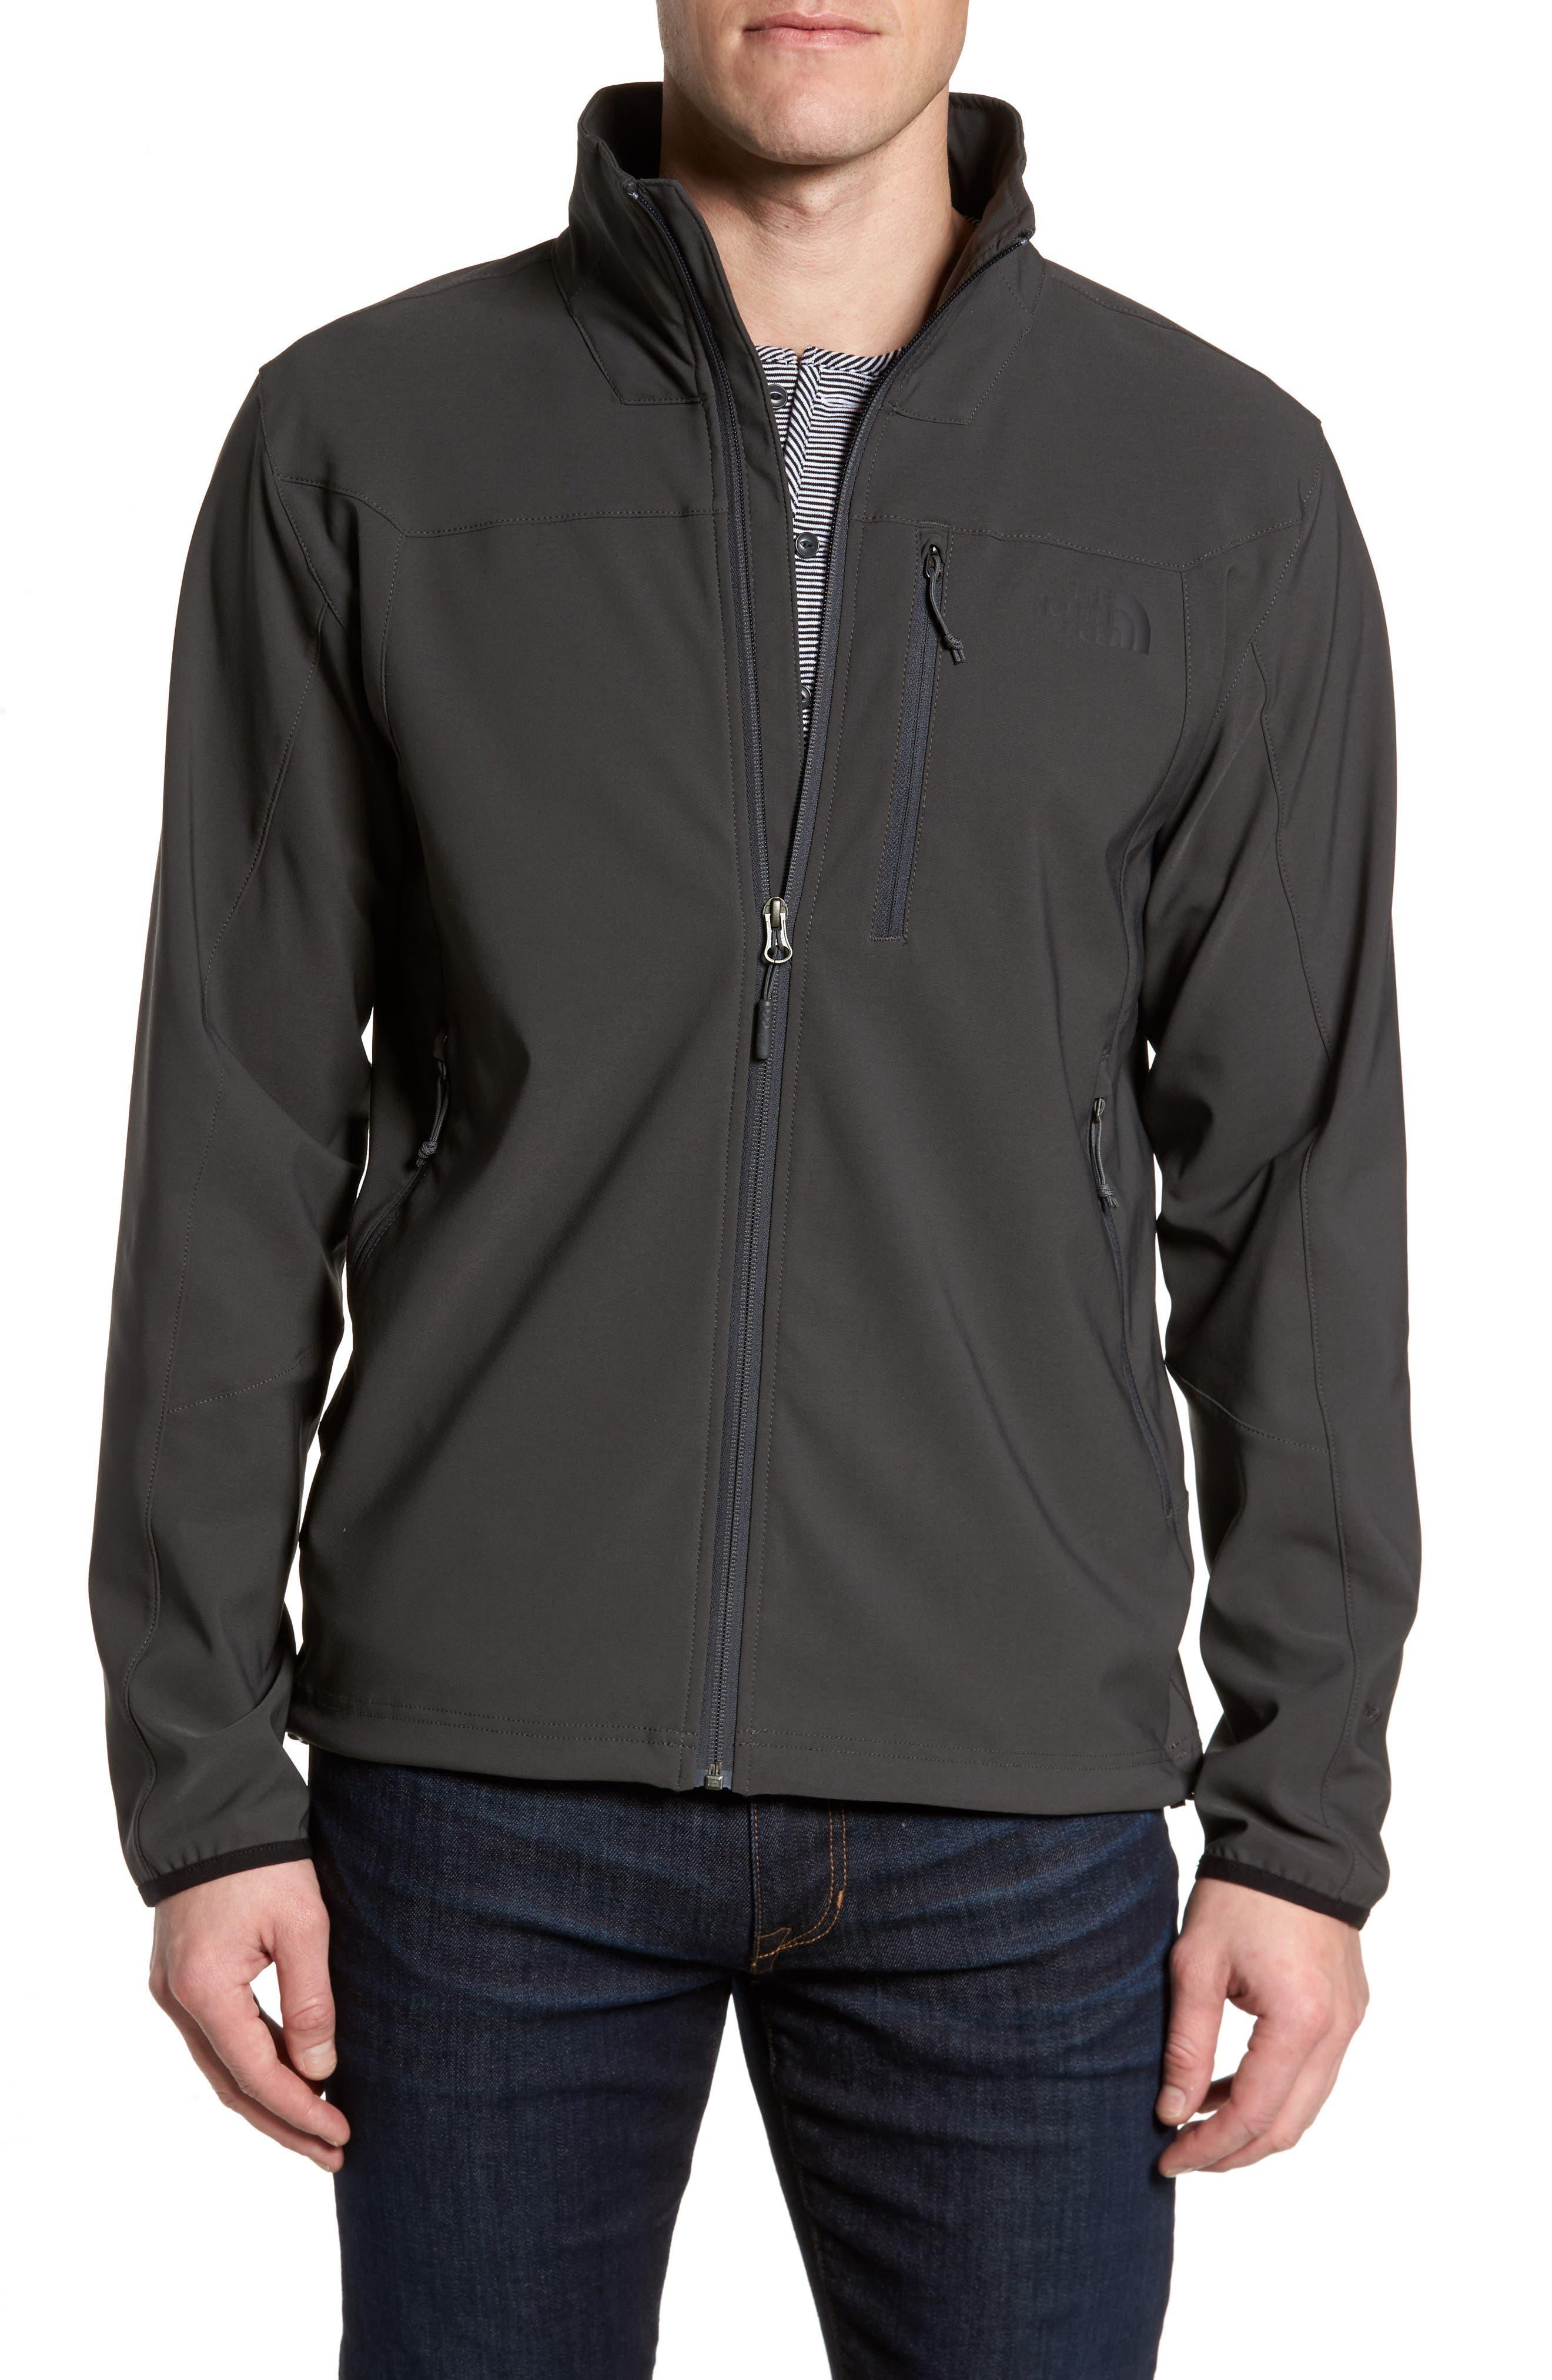 Apex Nimble Jacket,                         Main,                         color, Asphalt Grey/ Asphalt Grey